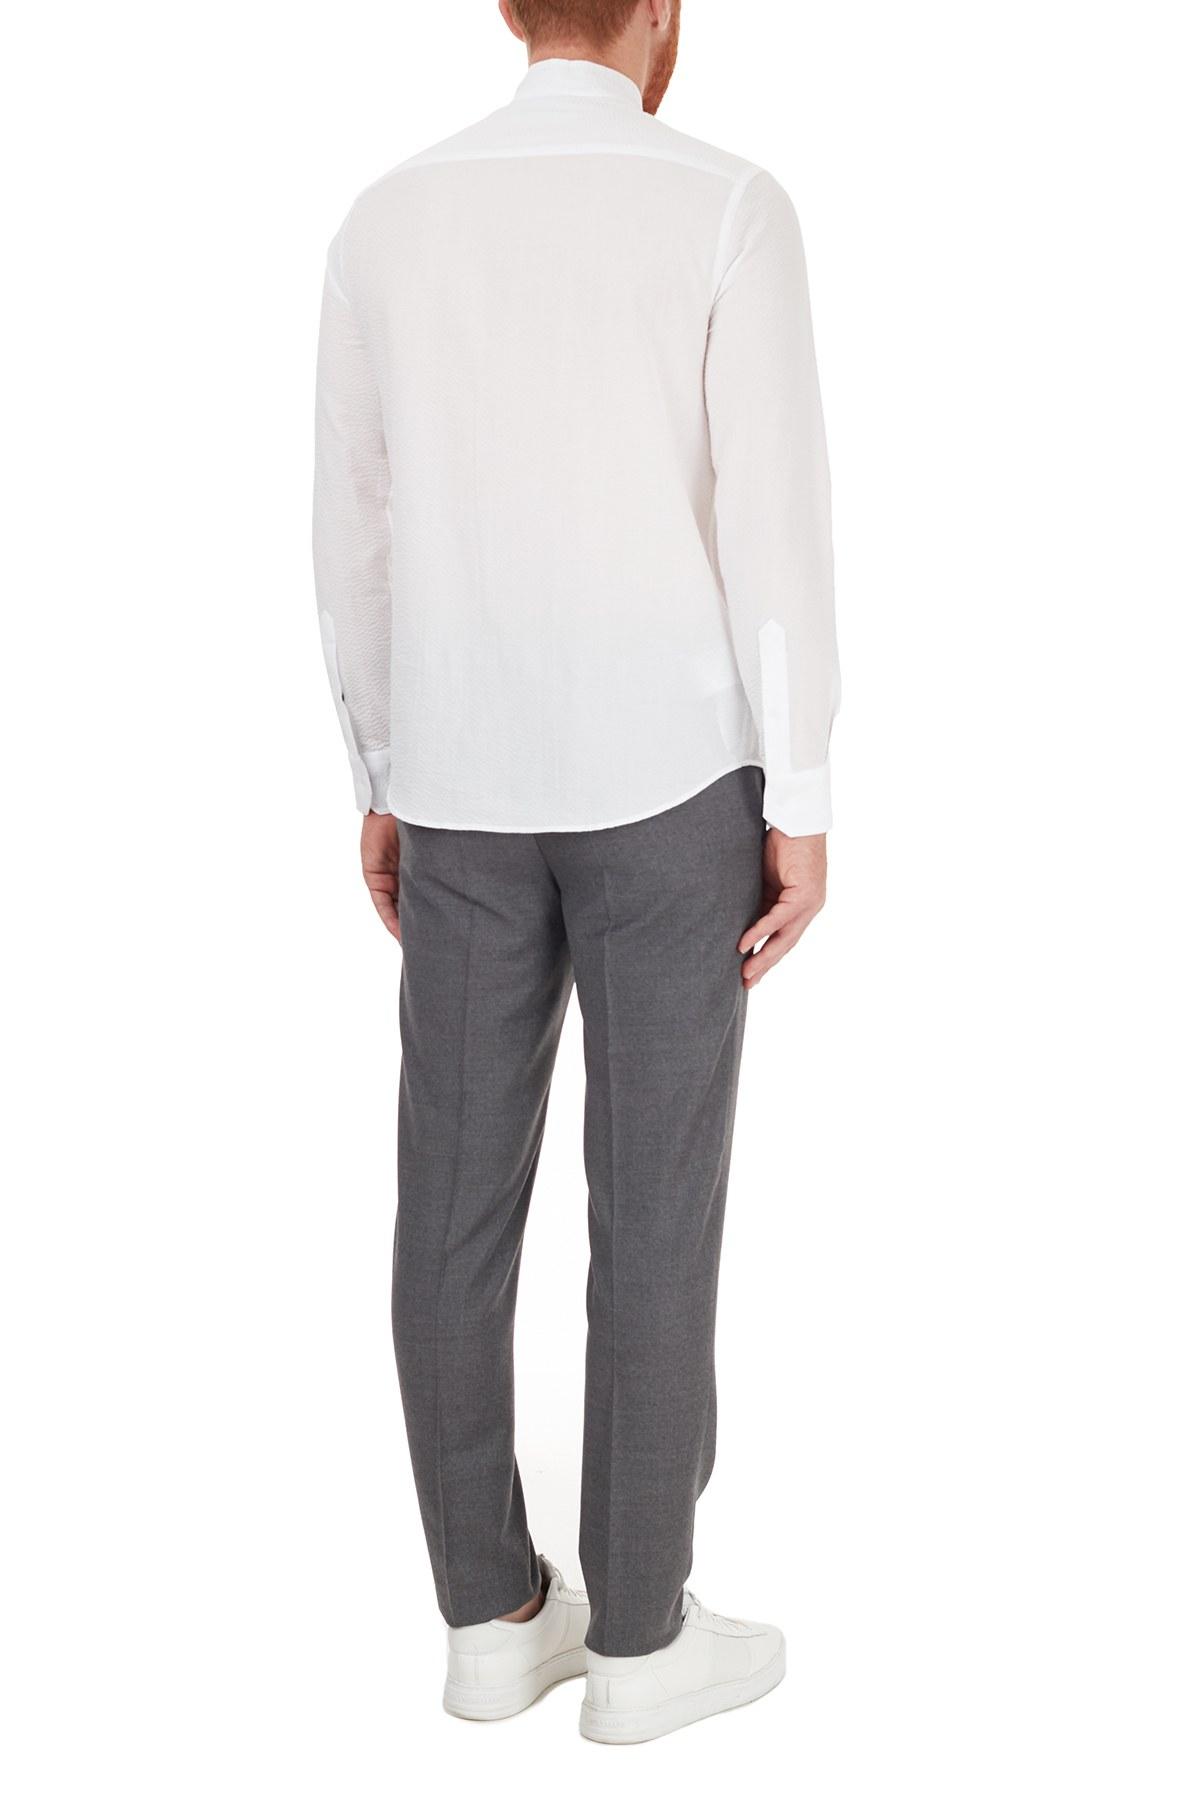 Hugo Boss Slim Fit Beli Bağcıklı Yünlü Erkek Pantolon 50440817 030 GRİ